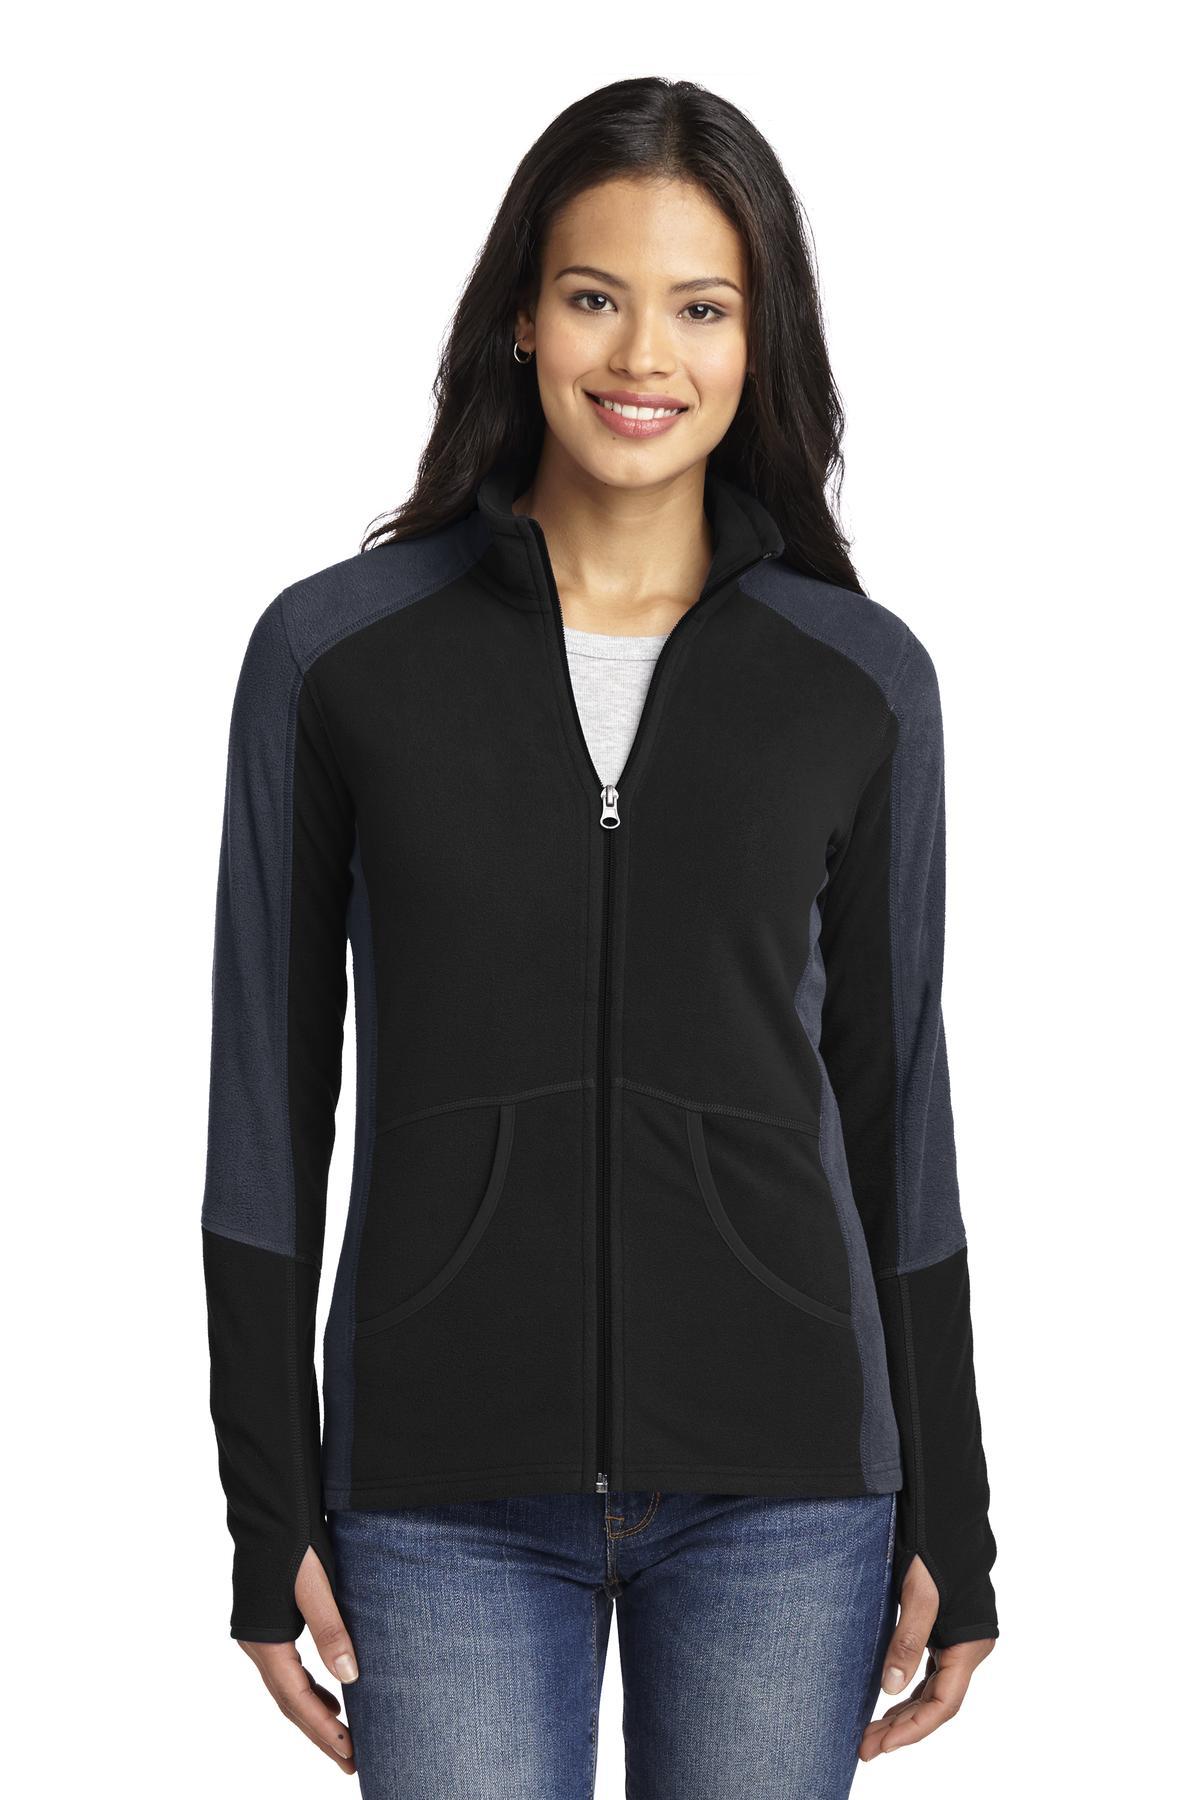 Port Authority® Ladies Colorblock Microfleece Jacket.-Port Authority